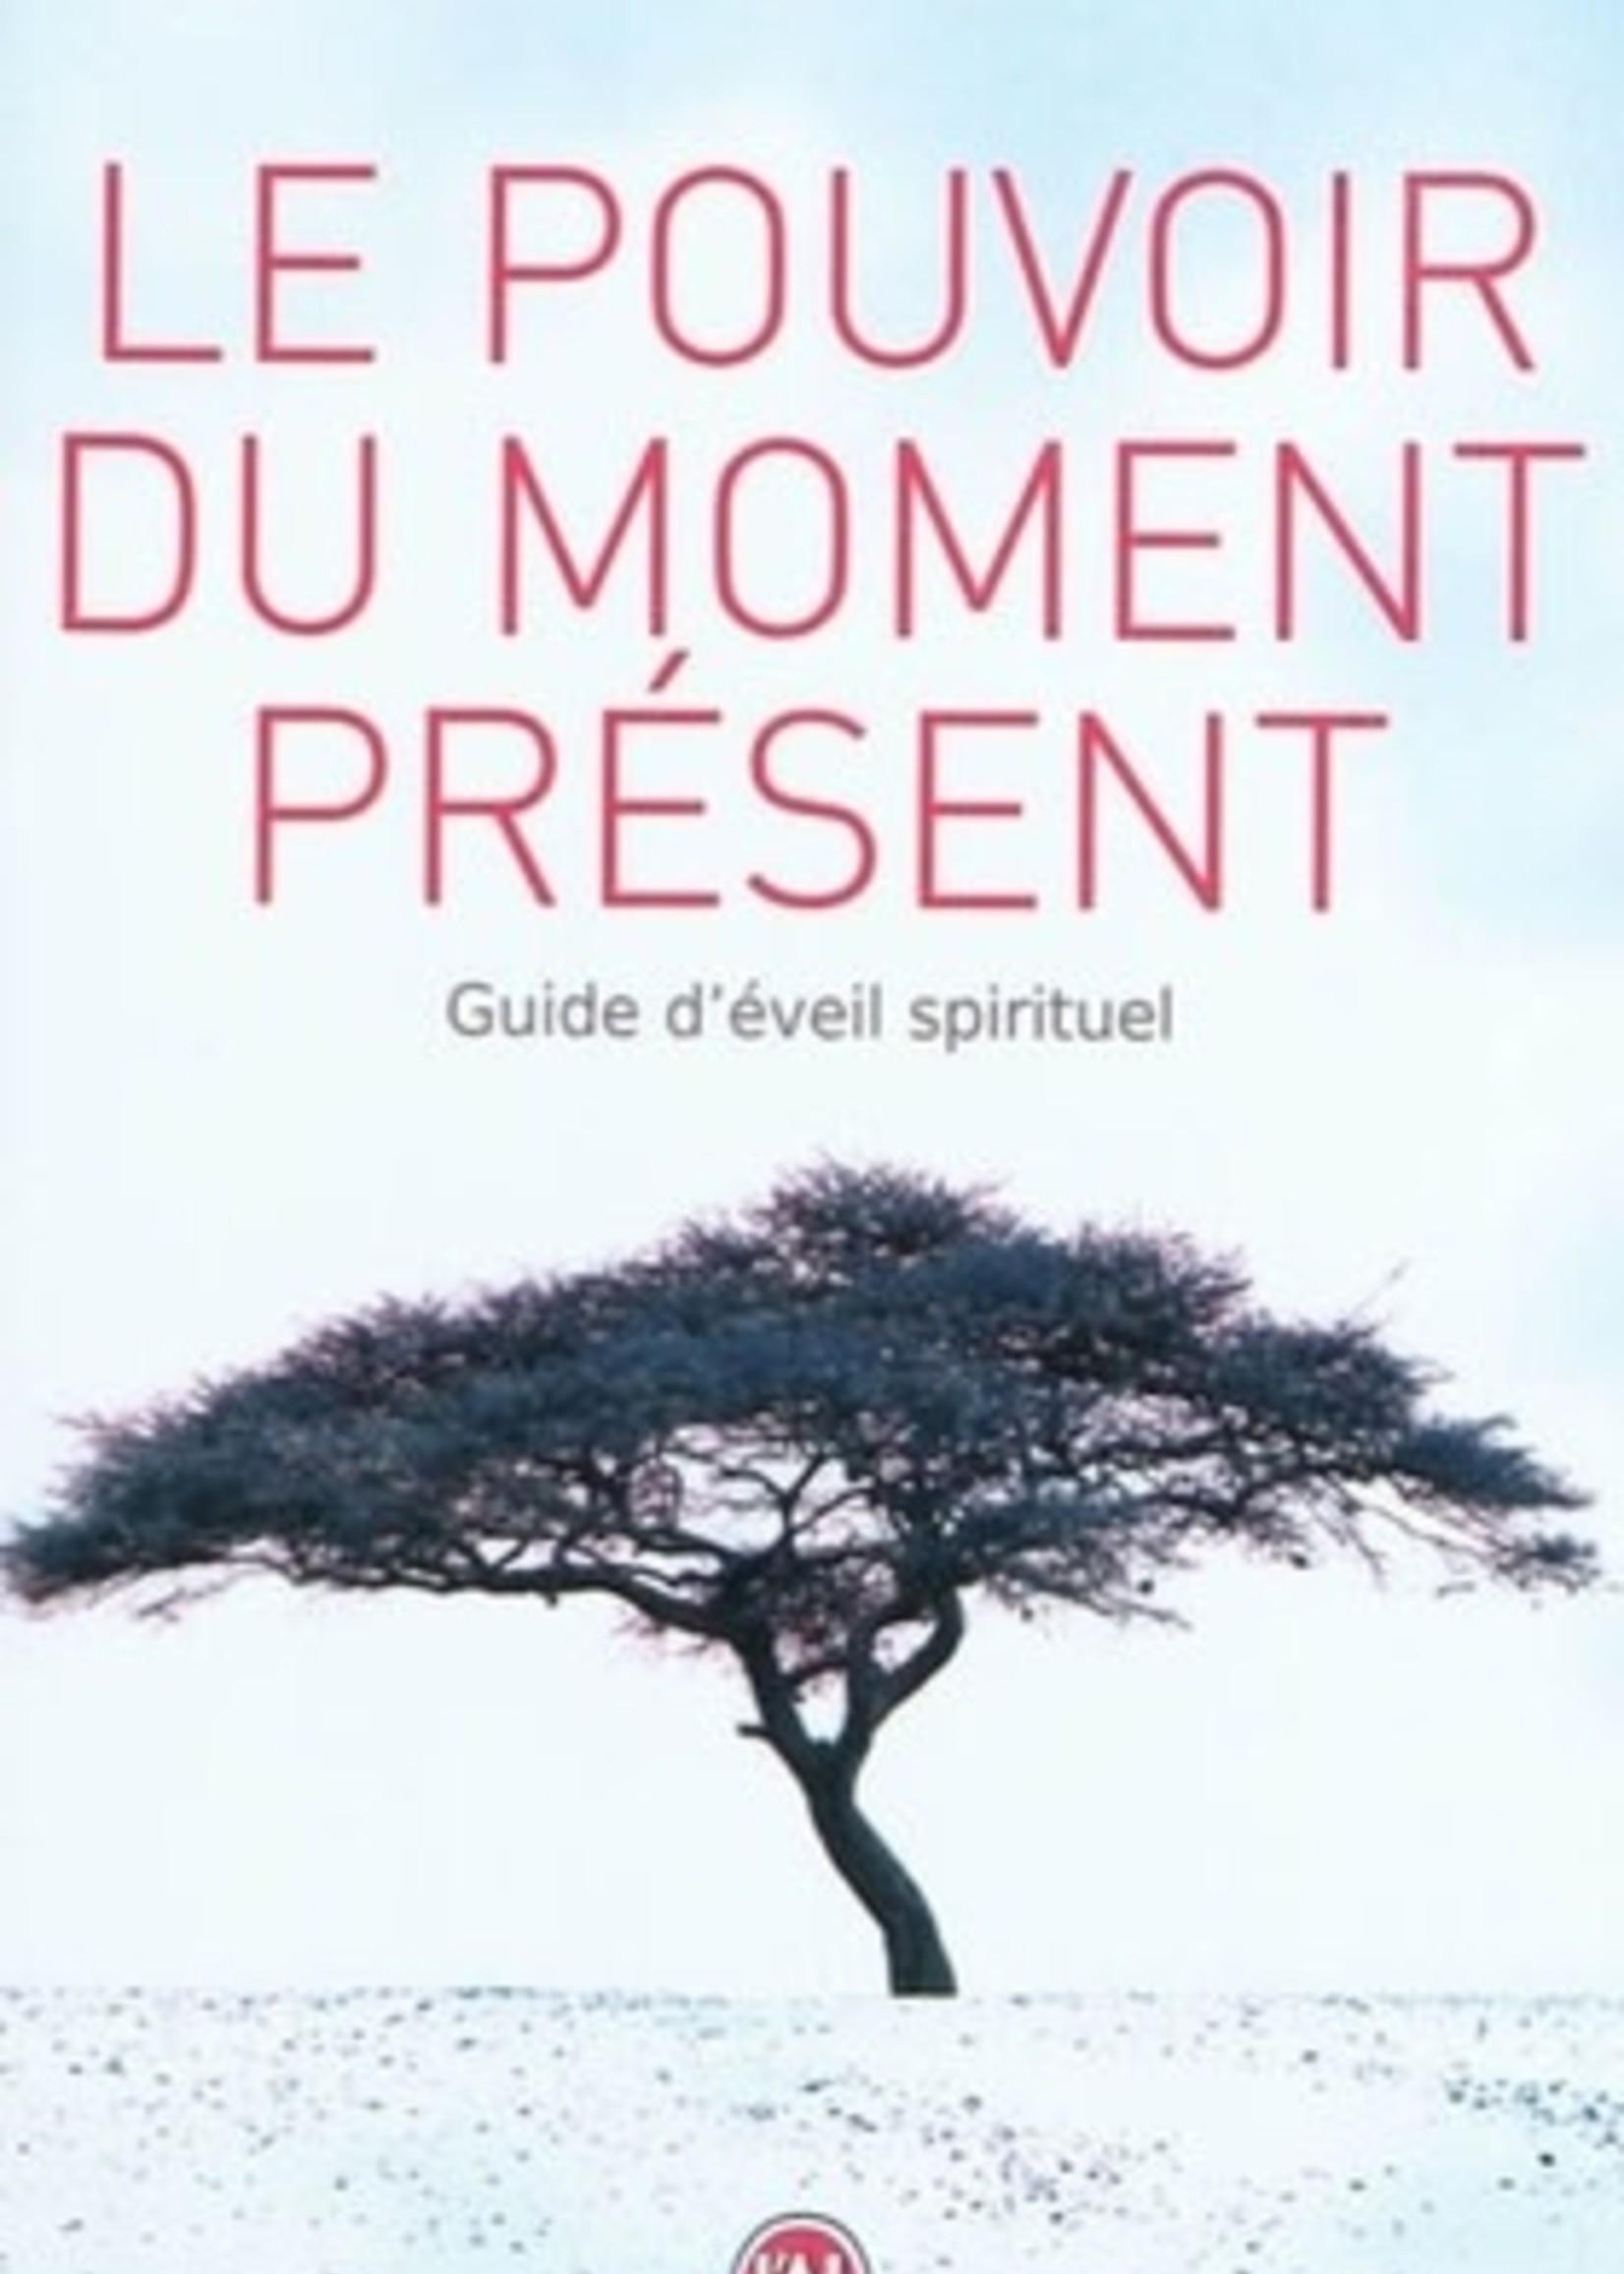 Le pouvoir du moment présent: guide d'éveil spirituel by Eckhart Tolle